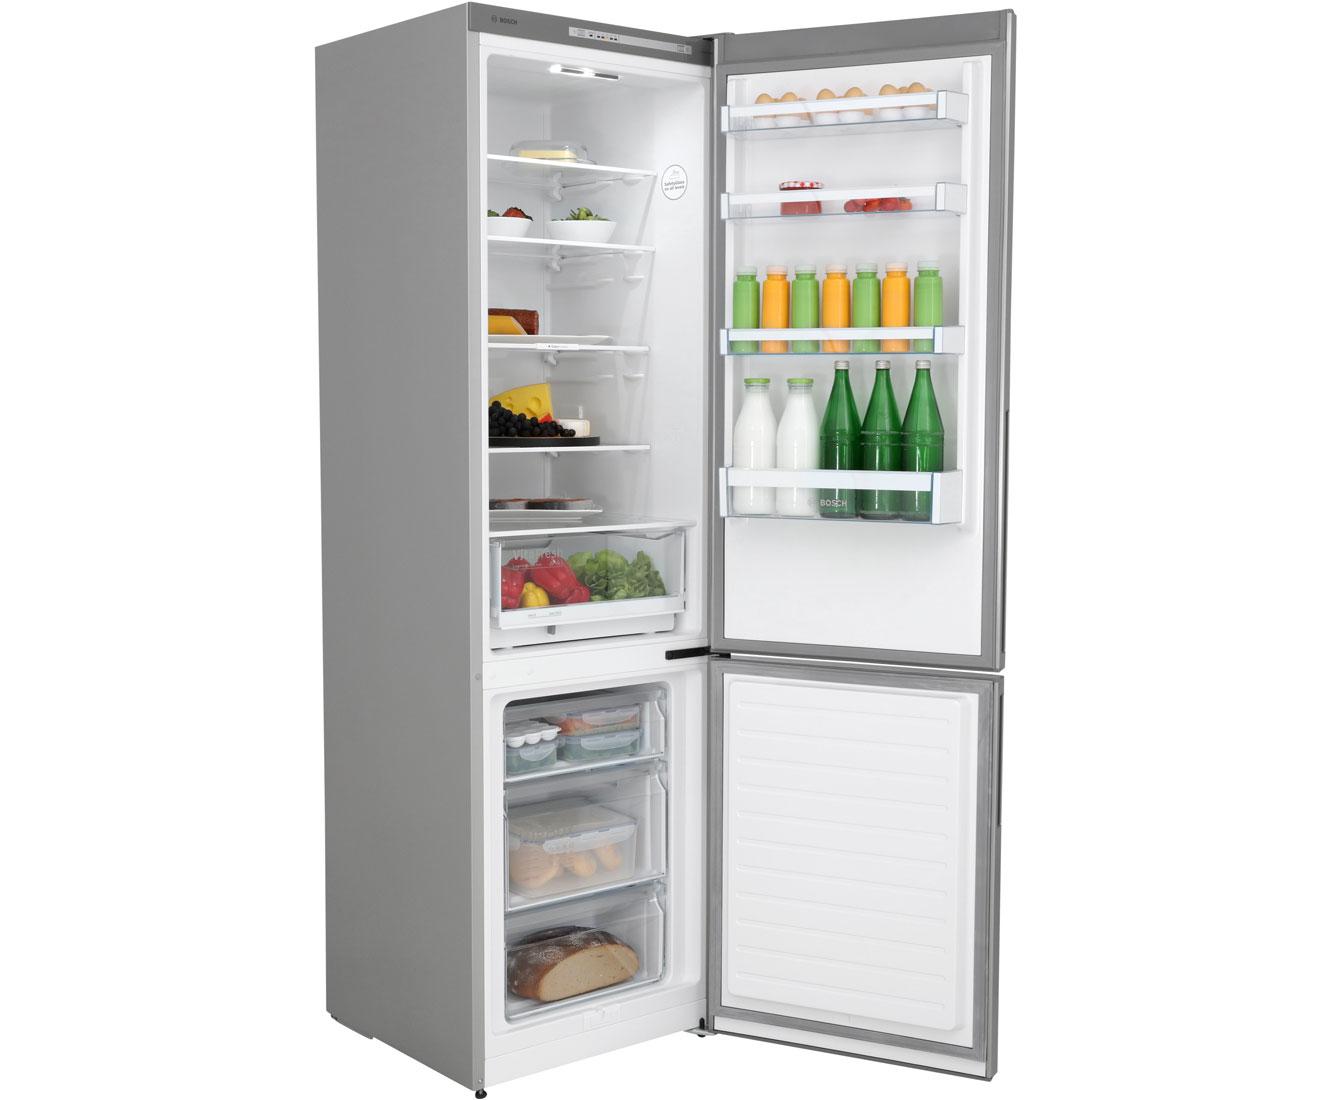 Bosch Kühlschrank Abtauen : Bosch kühlschrank gefrierschrank abtauen hilfe beim